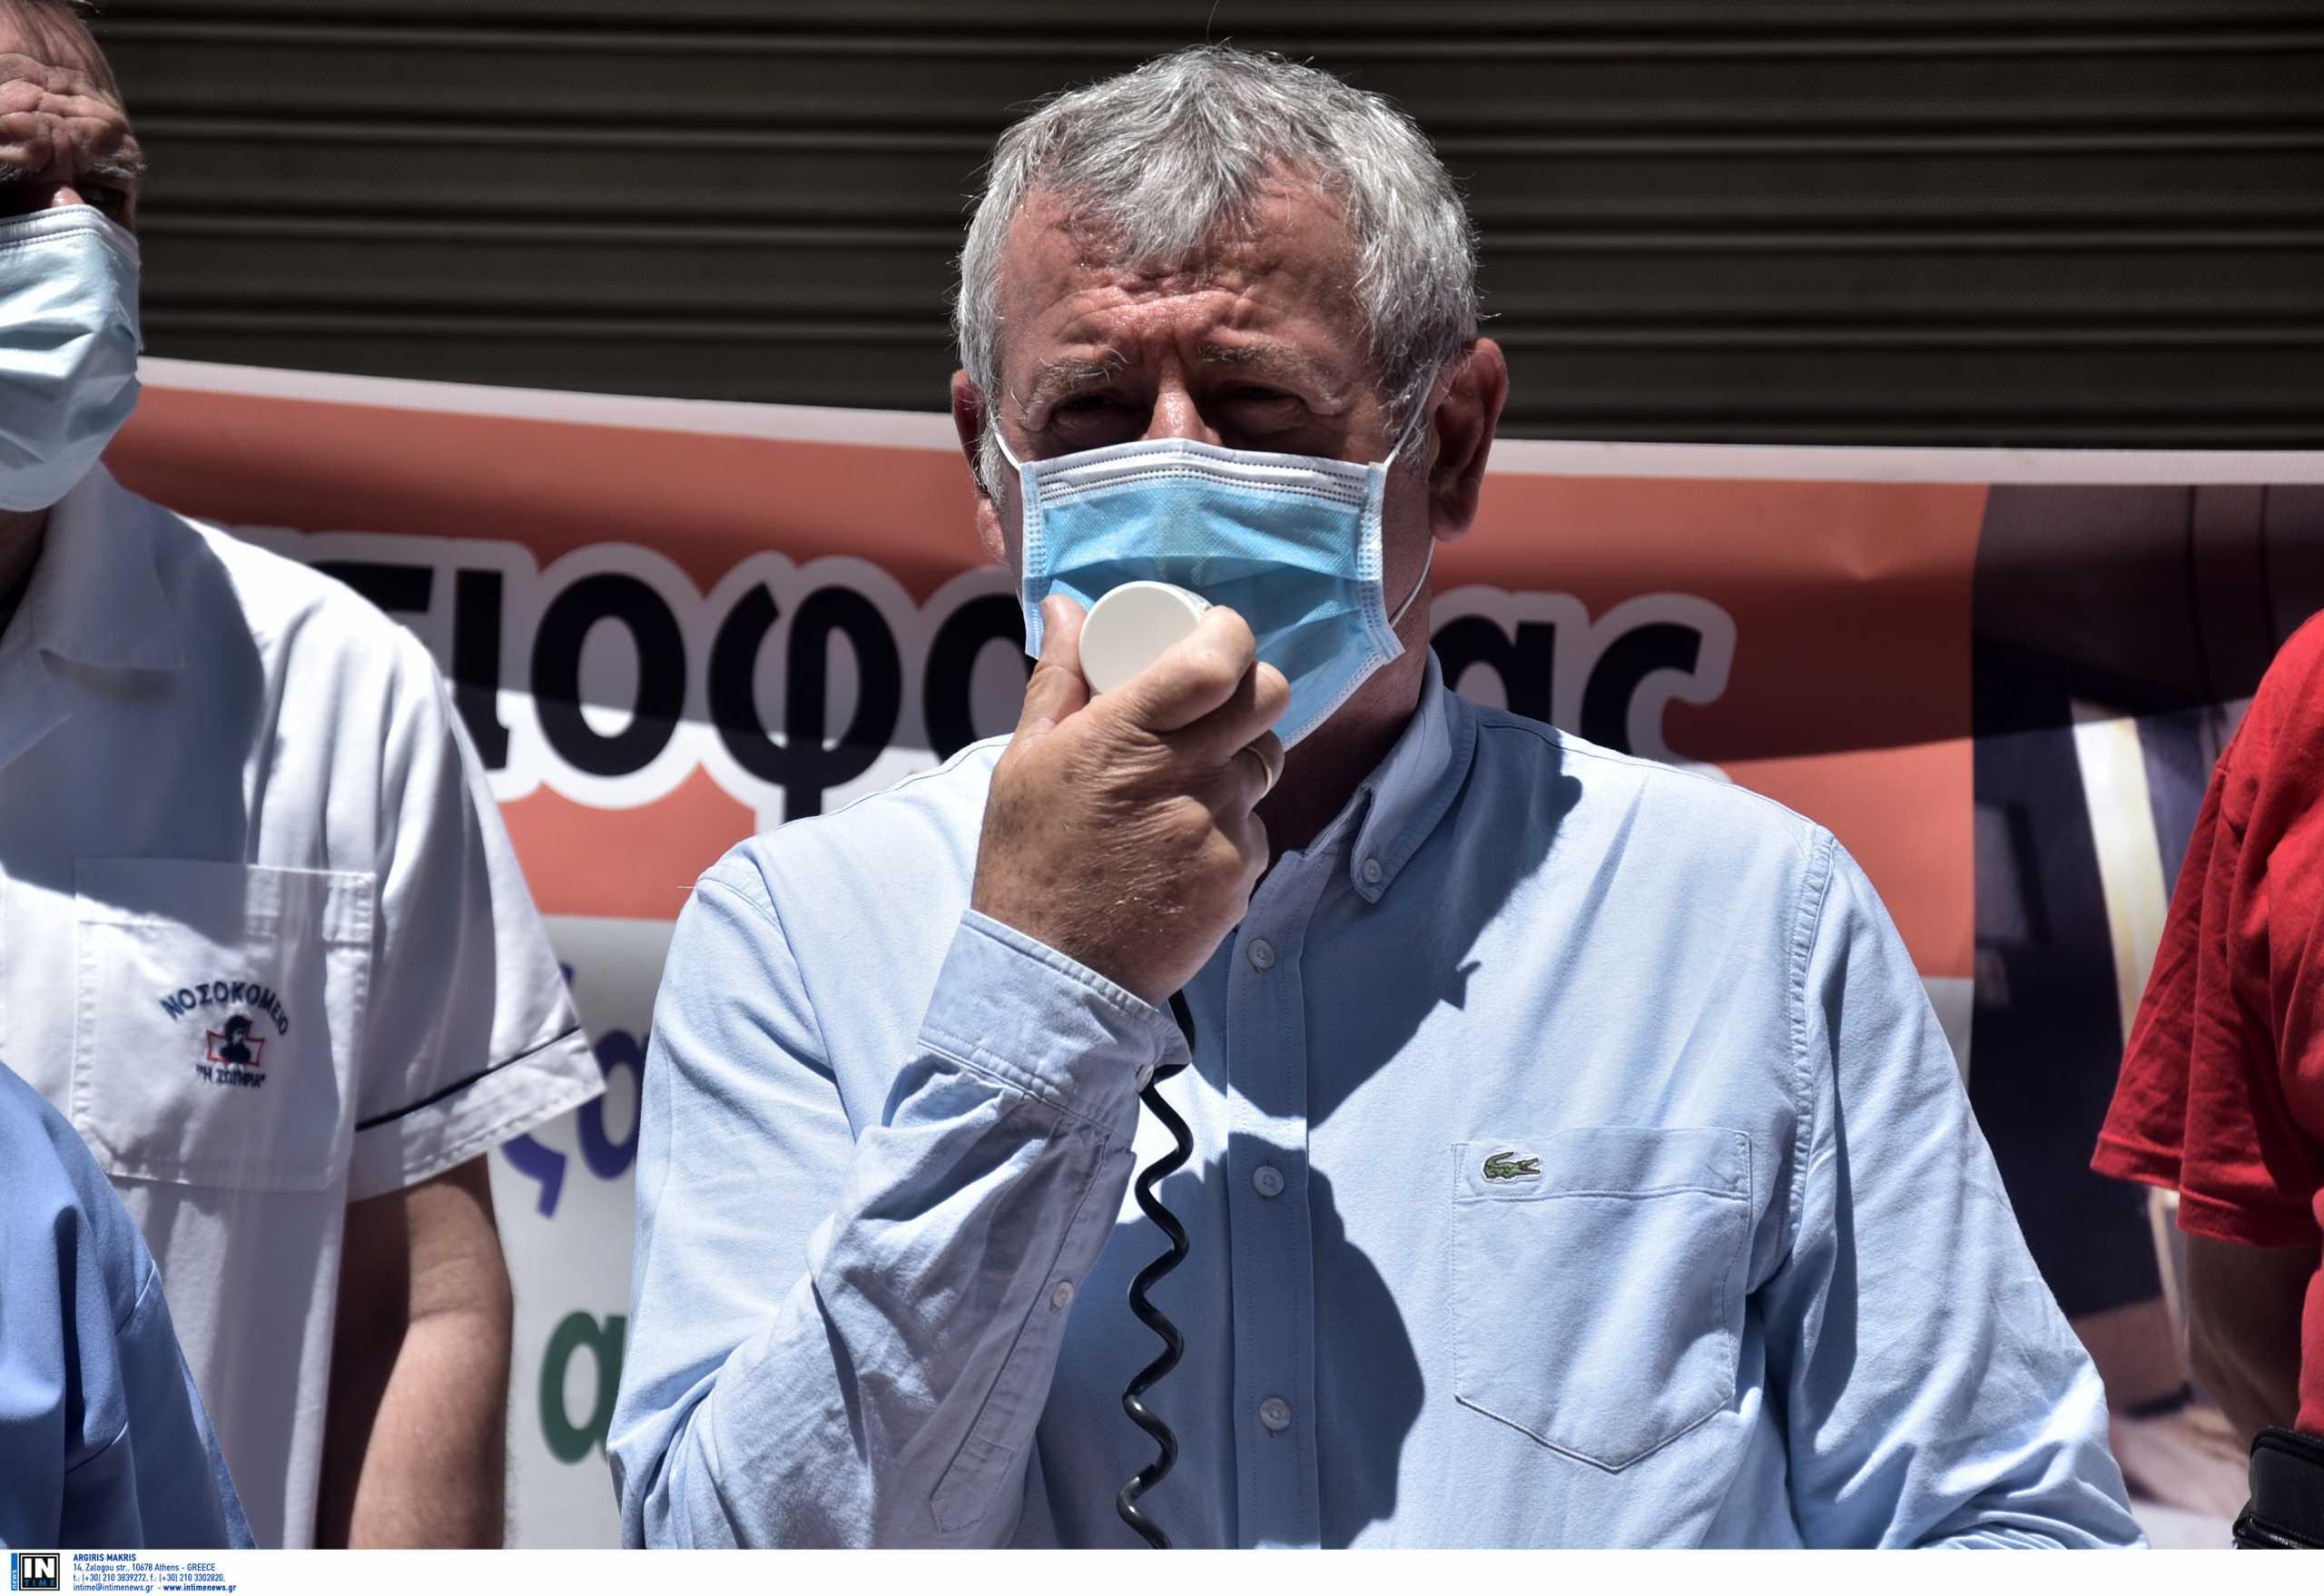 Θεσσαλονίκη – ΠΟΕΔΗΝ: Ένταση στη διαμαρτυρία υγειονομικών για τους υποχρεωτικούς εμβολιασμούς